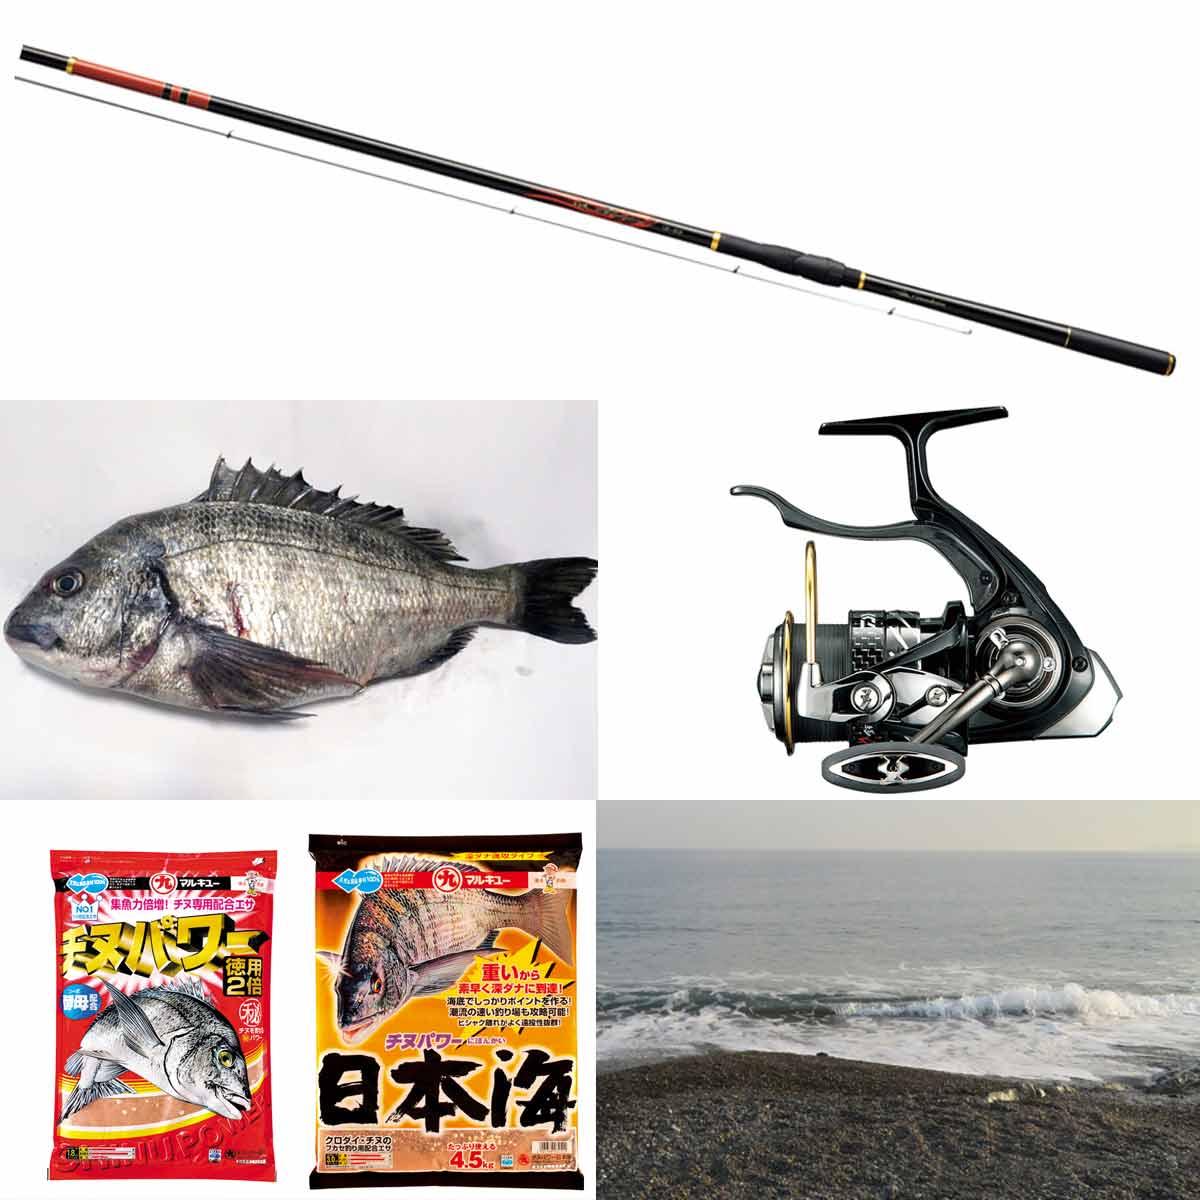 あこがれの大型「クロダイ(チヌ)」を「ウキ釣り」で釣ろう!